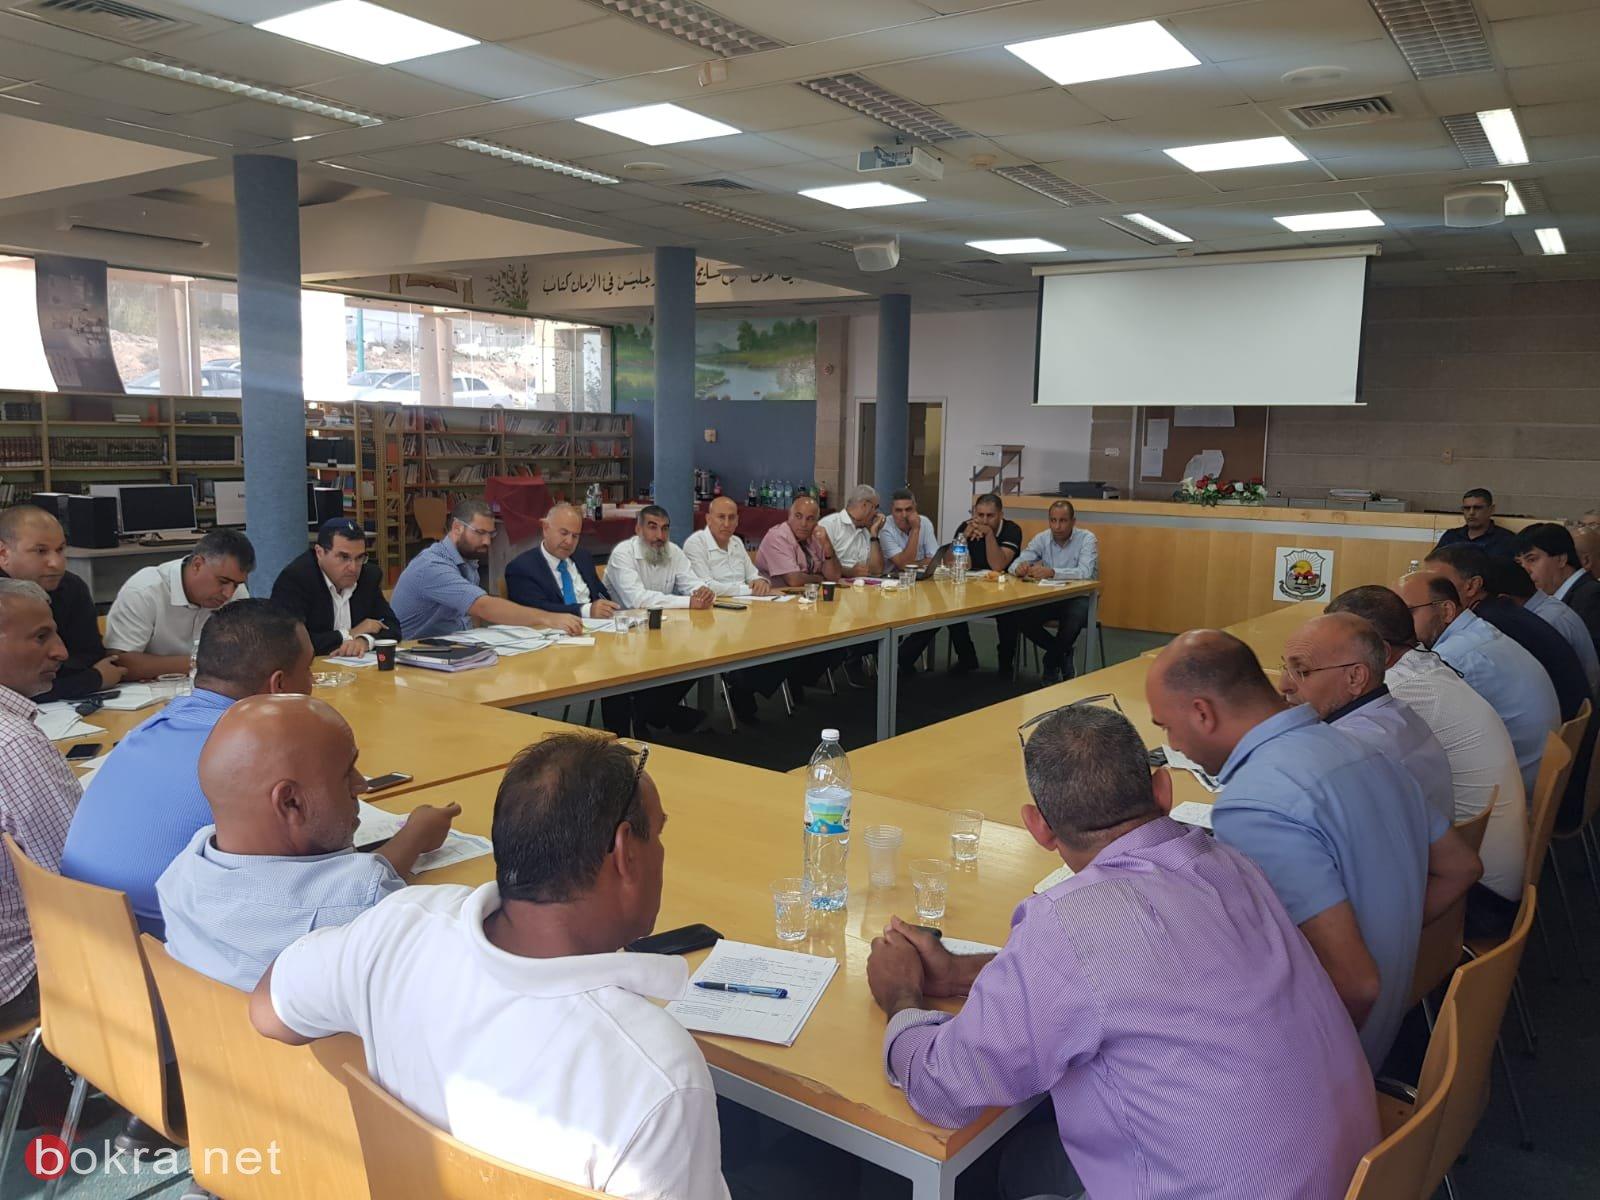 بلدة حورة تستضيف اجتماع مدراء مدارس المراسي الجماهيرية ضمن برنامج تحديات في التربية اللامنهجيّة.